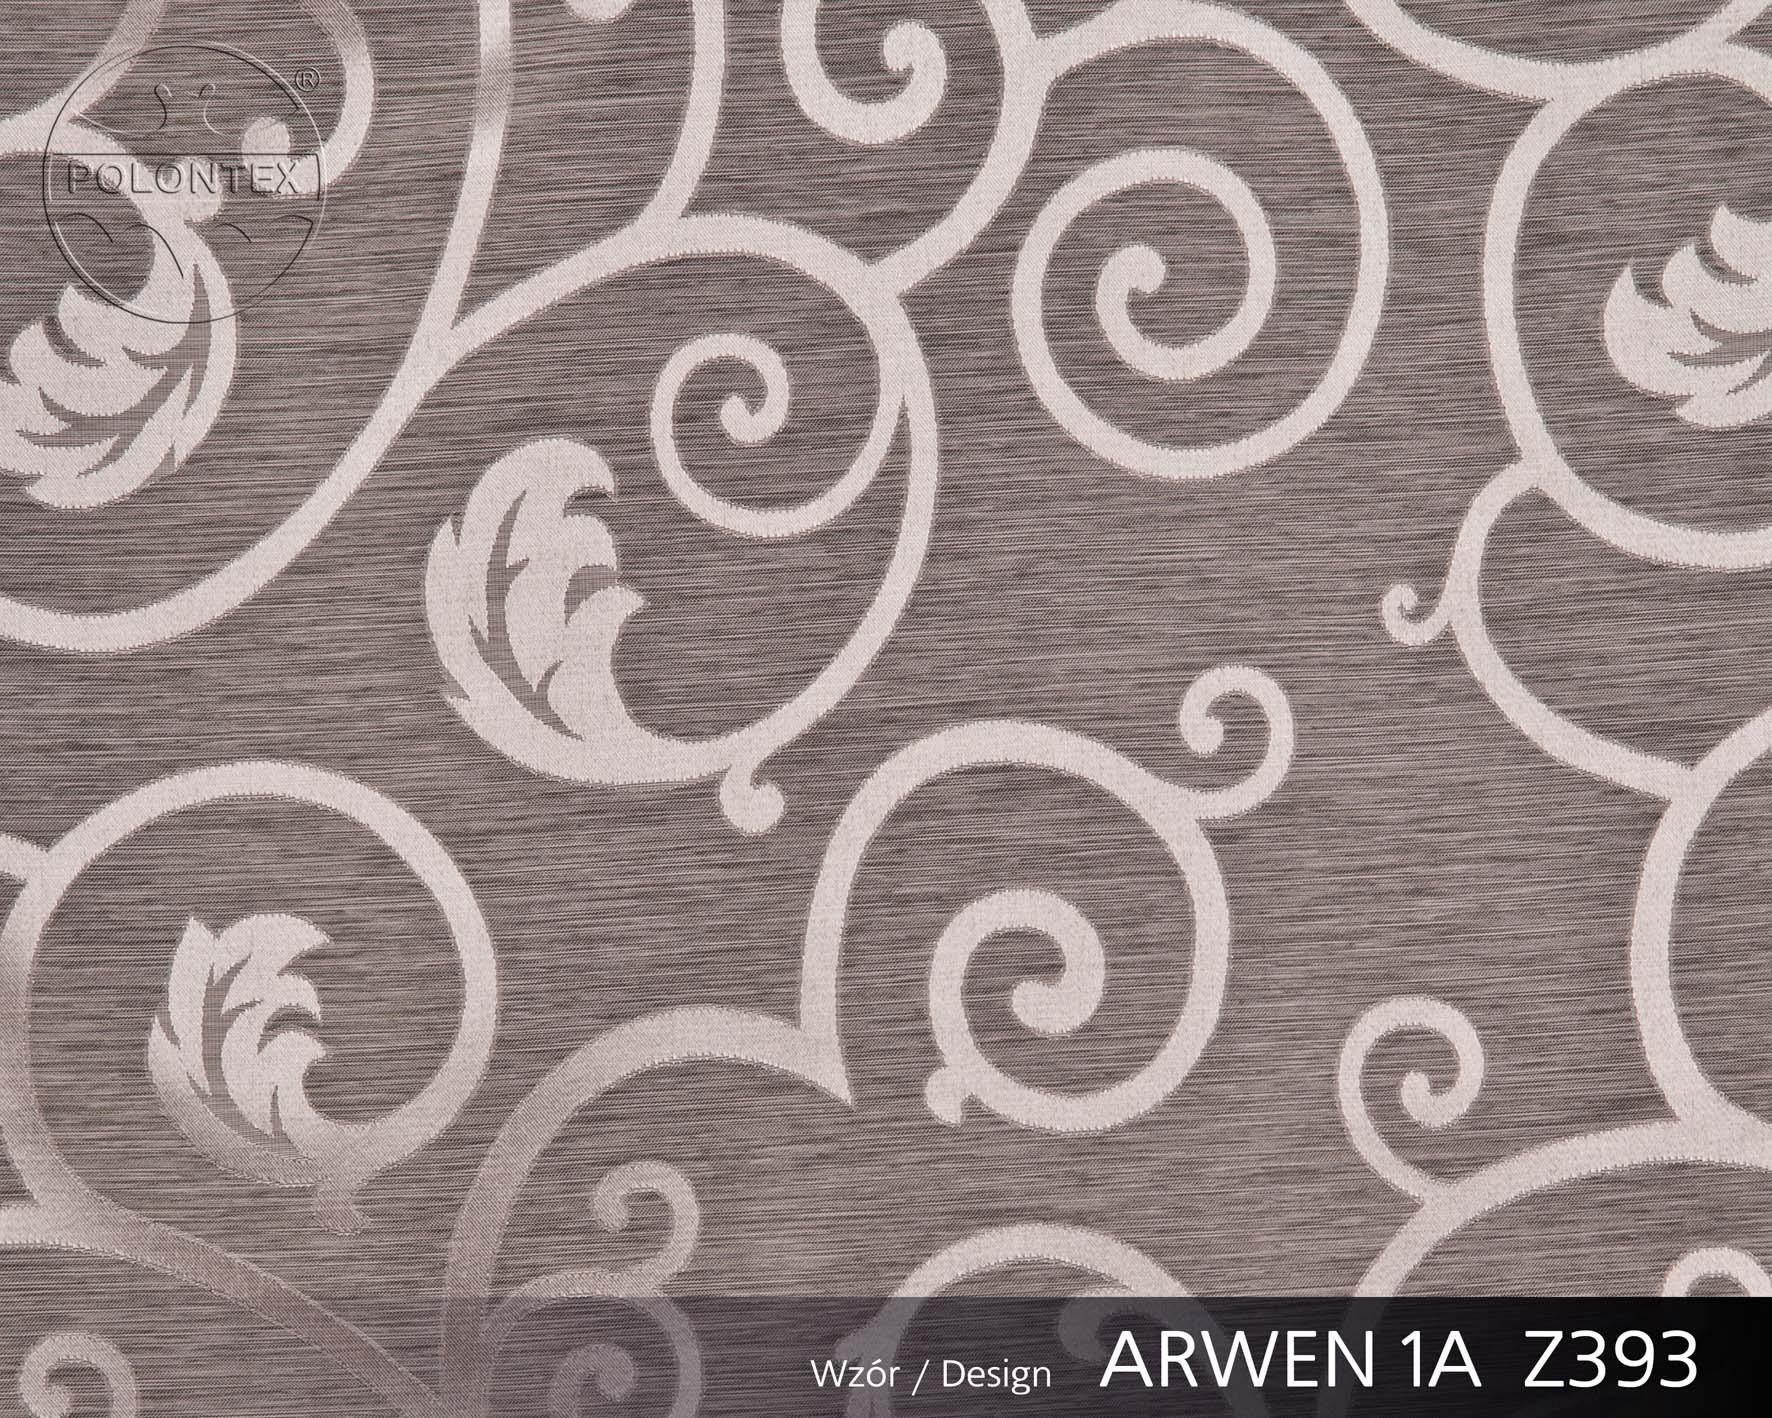 ARWEN 1A Z393